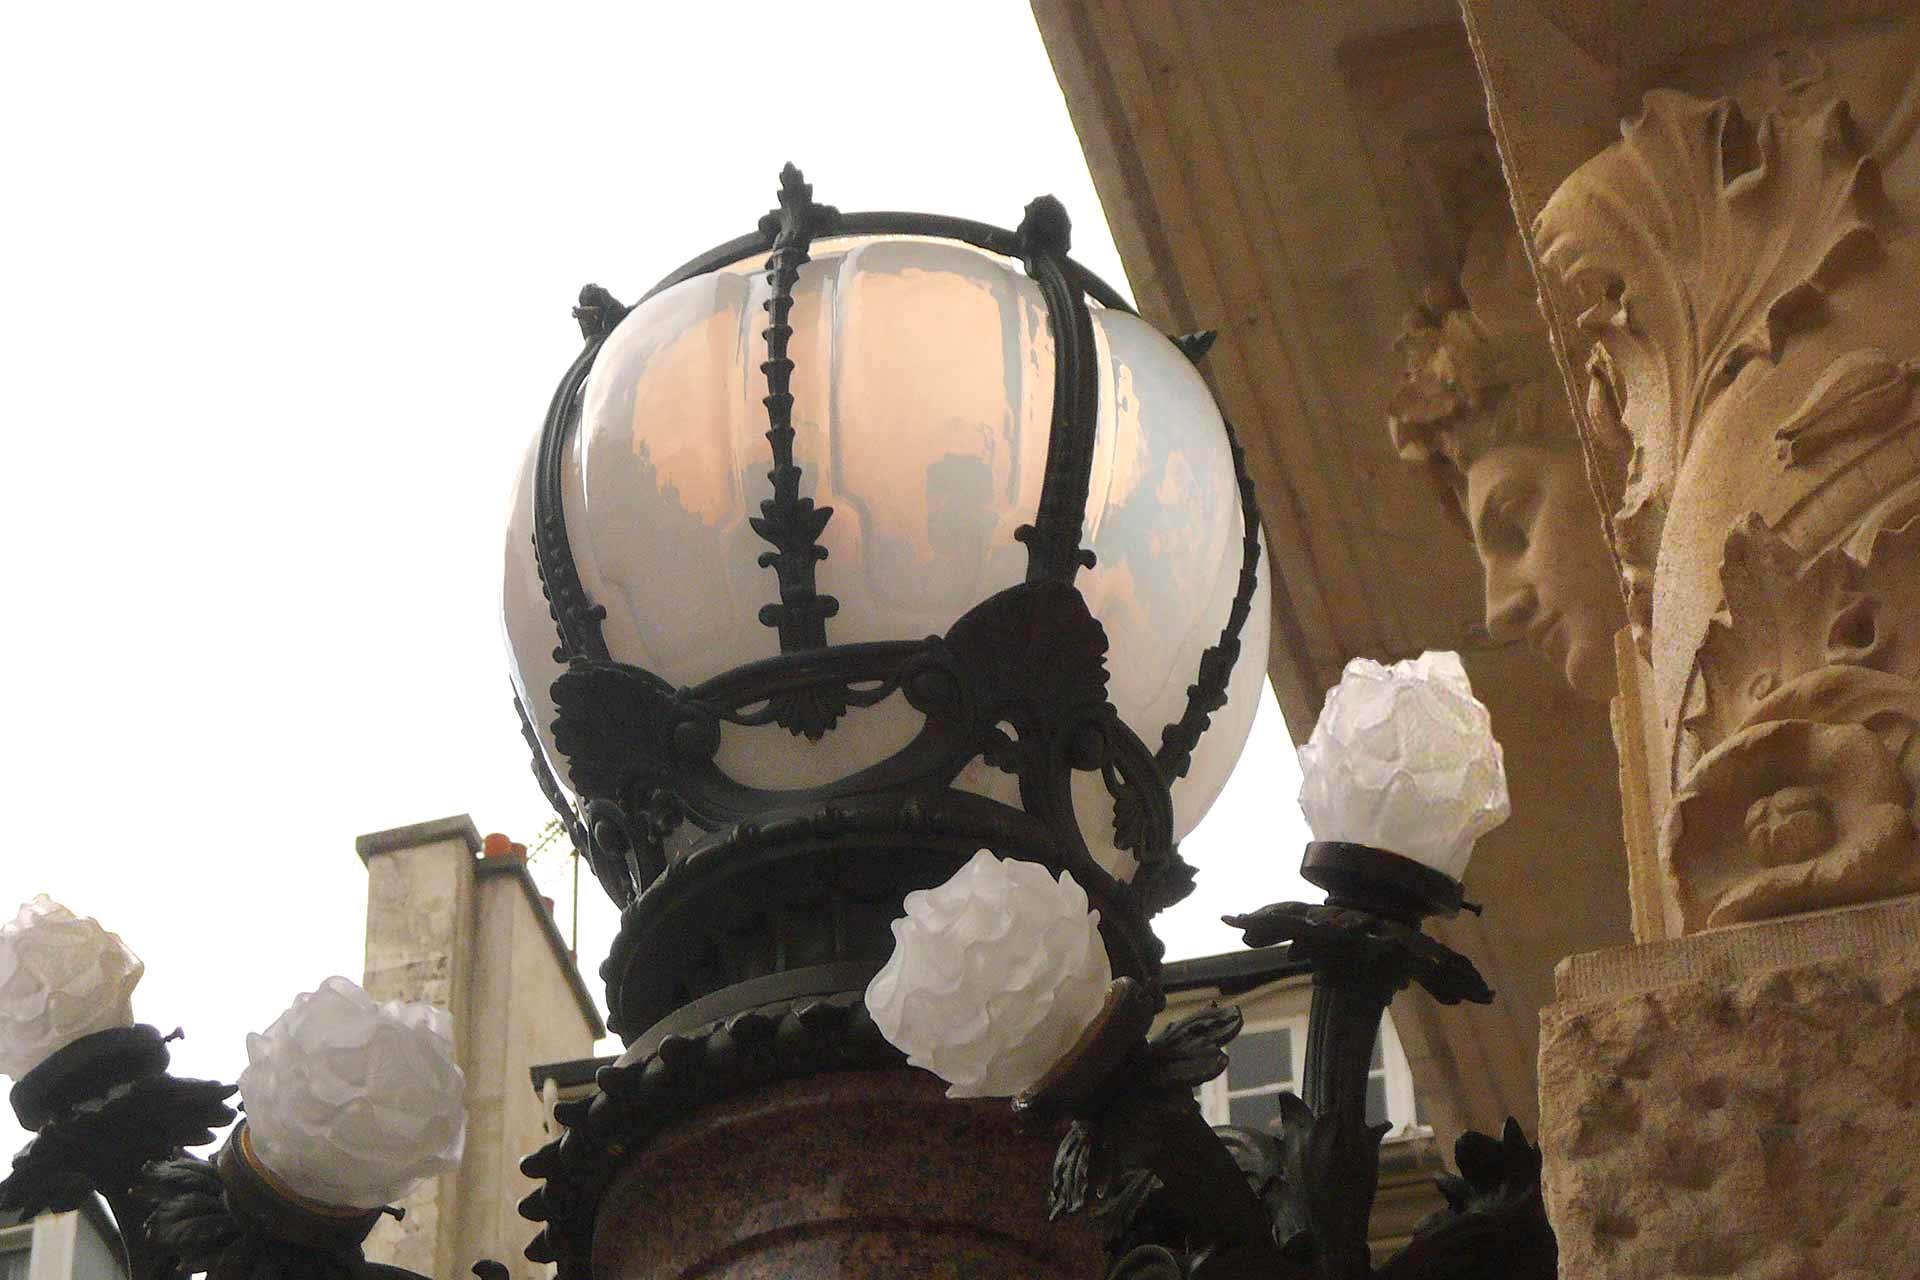 Candélabres en verre soufflé de l'Opéra Comique de Paris